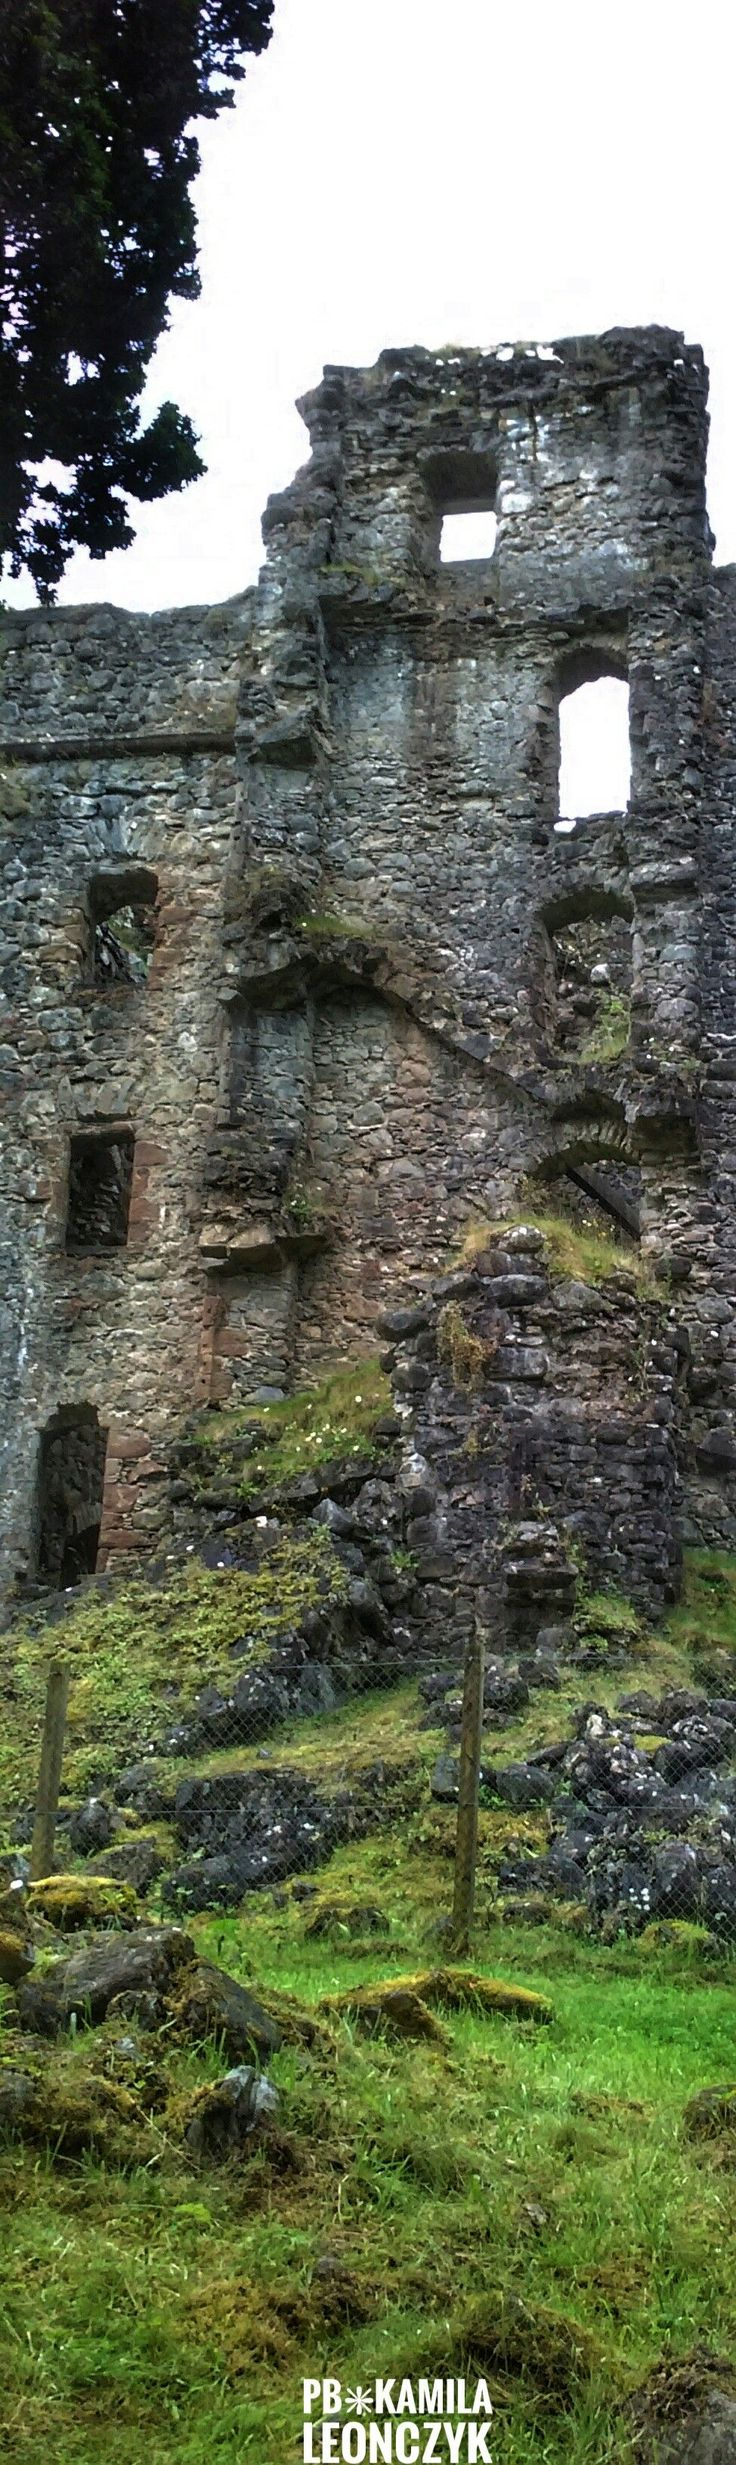 Invrgarry Castle - Scotland